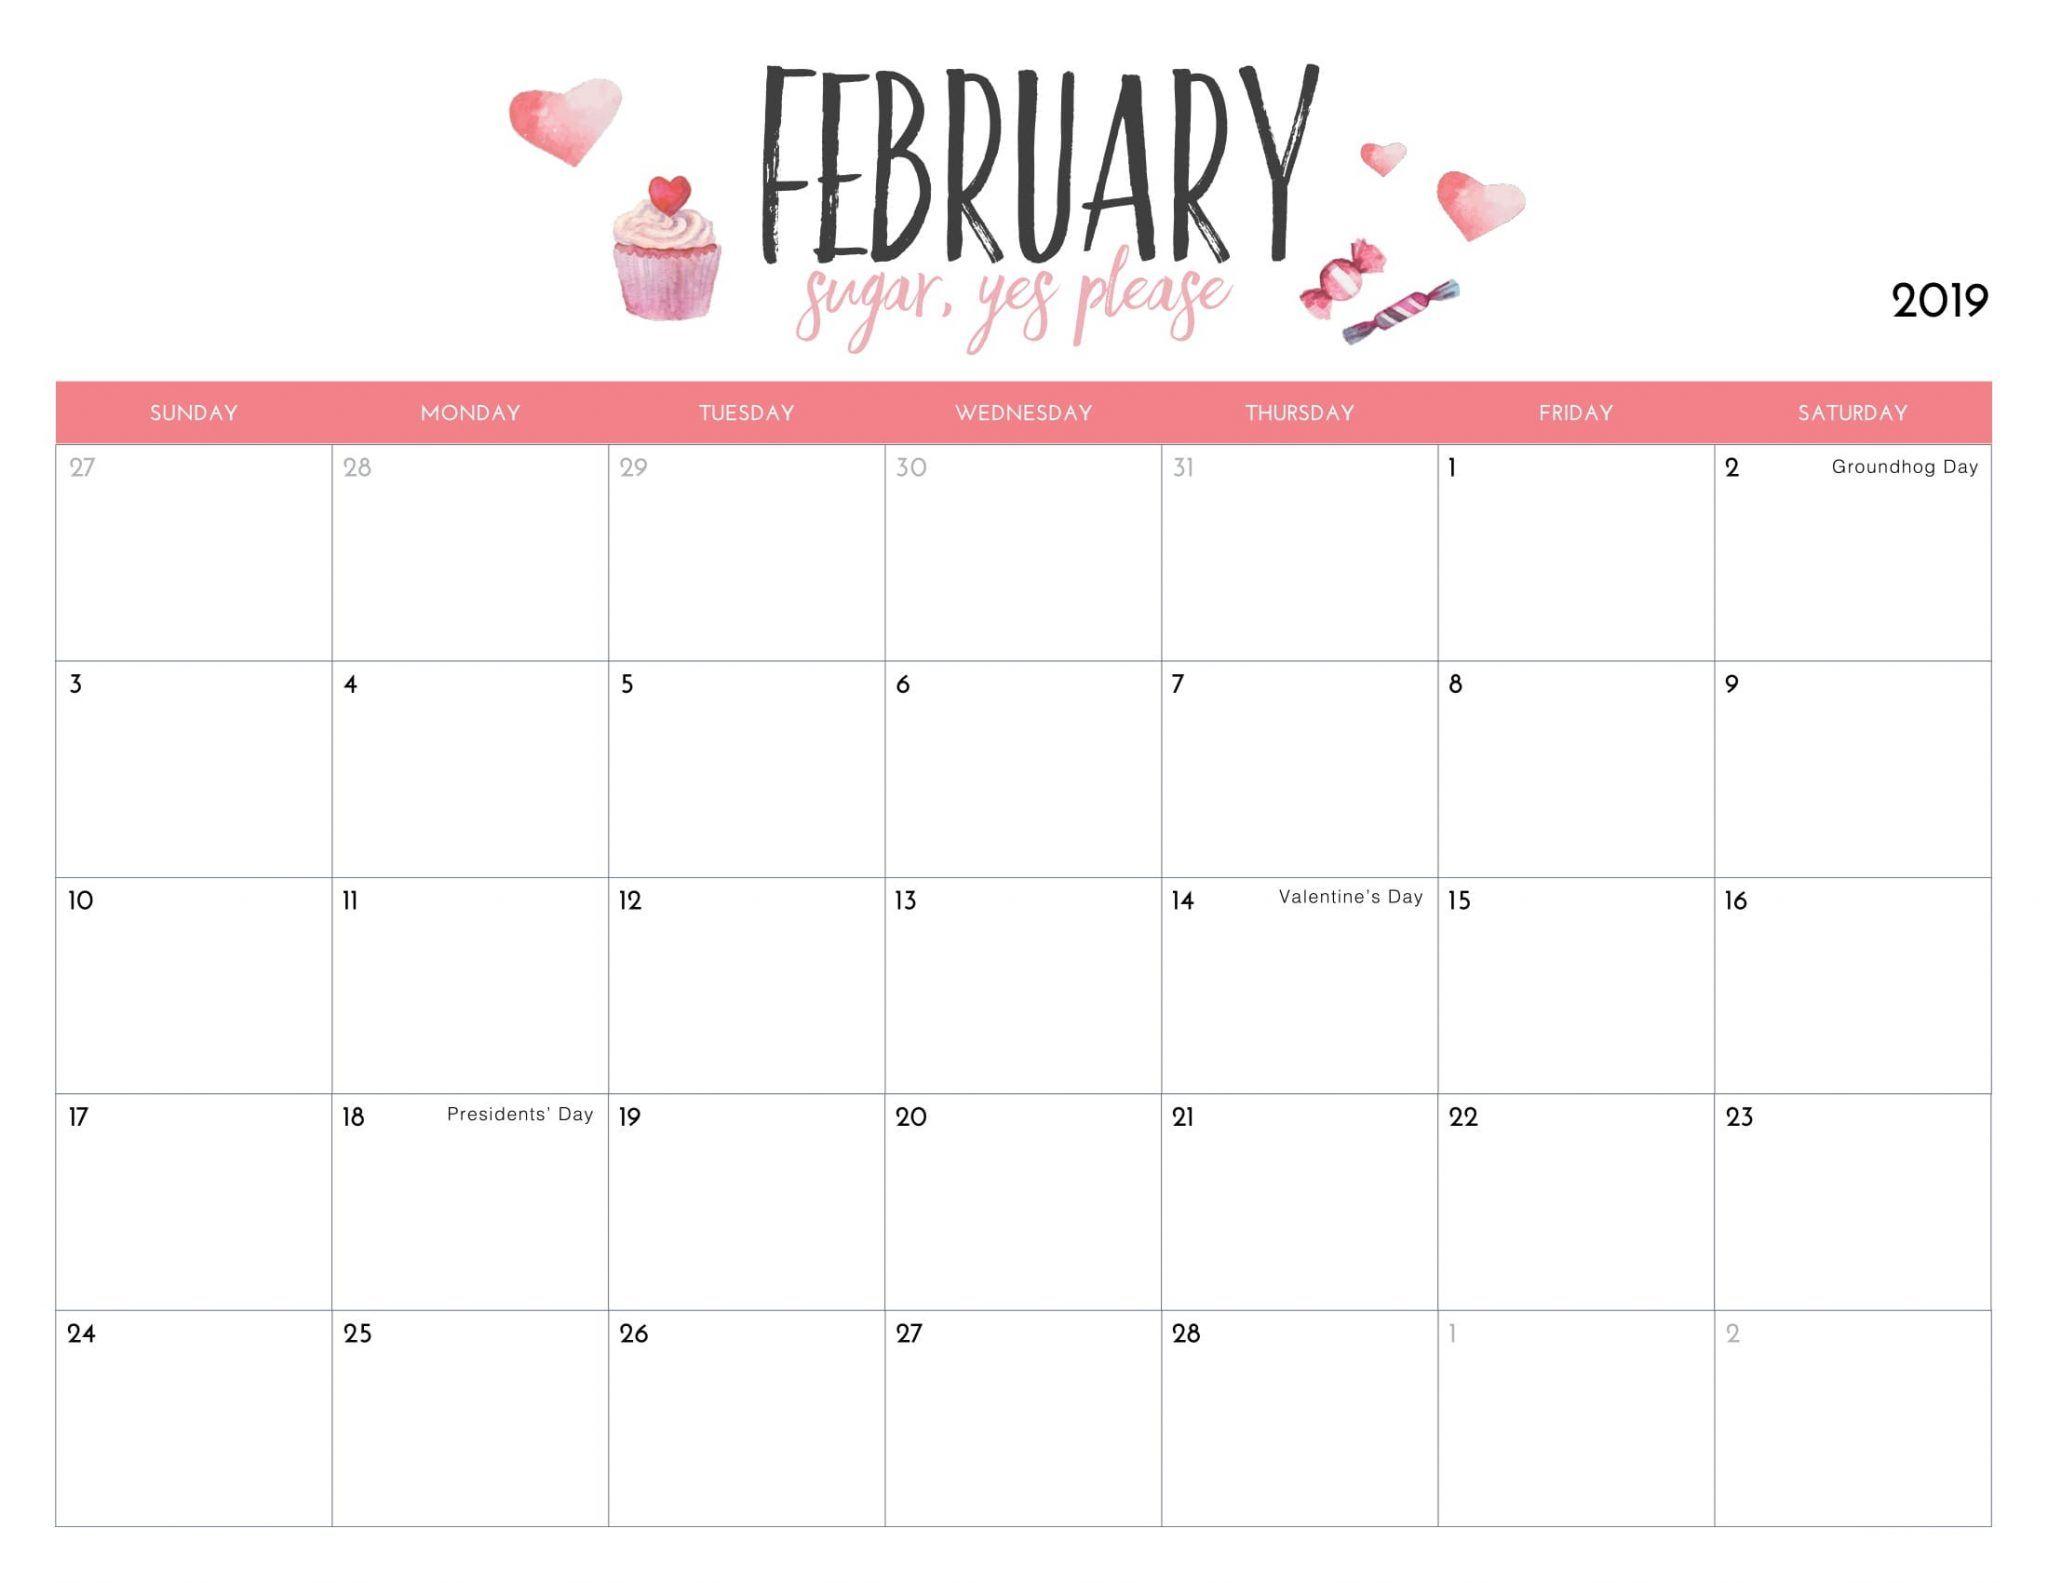 cute february 2019 calendar printable  feb  february2019  februarycalendar2019  cutecalendar